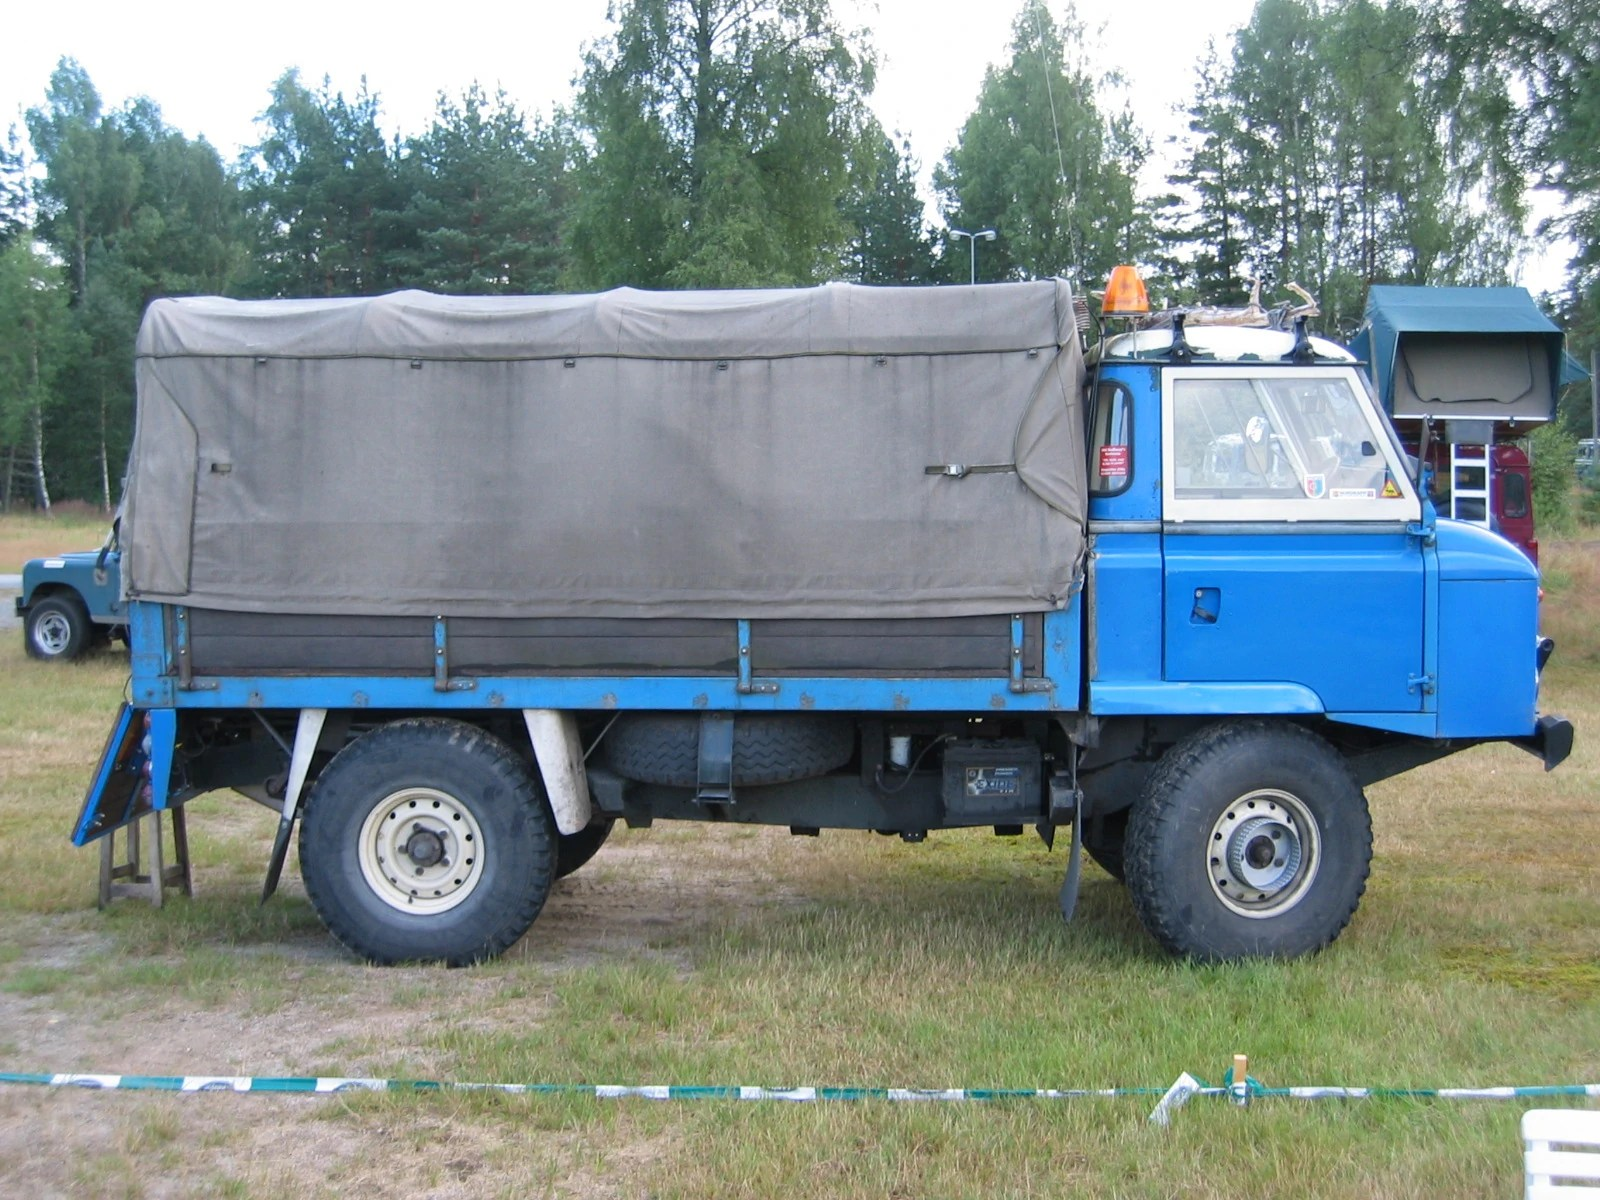 Land rover 101 for sale – Réparation de voiture